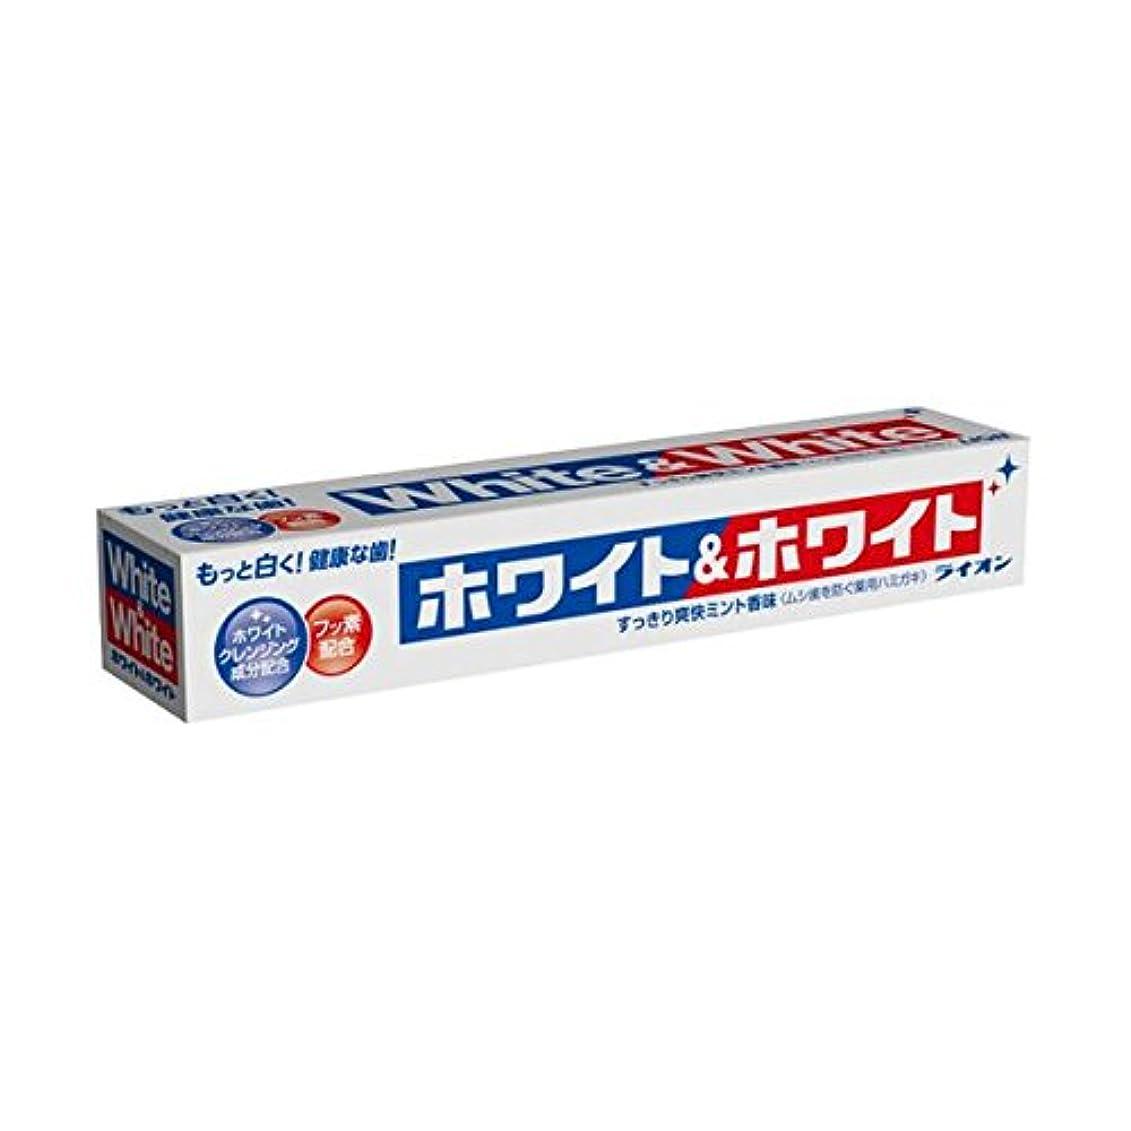 スモッグ泥沼土曜日ホワイト&ホワイト 150g ×10個セット